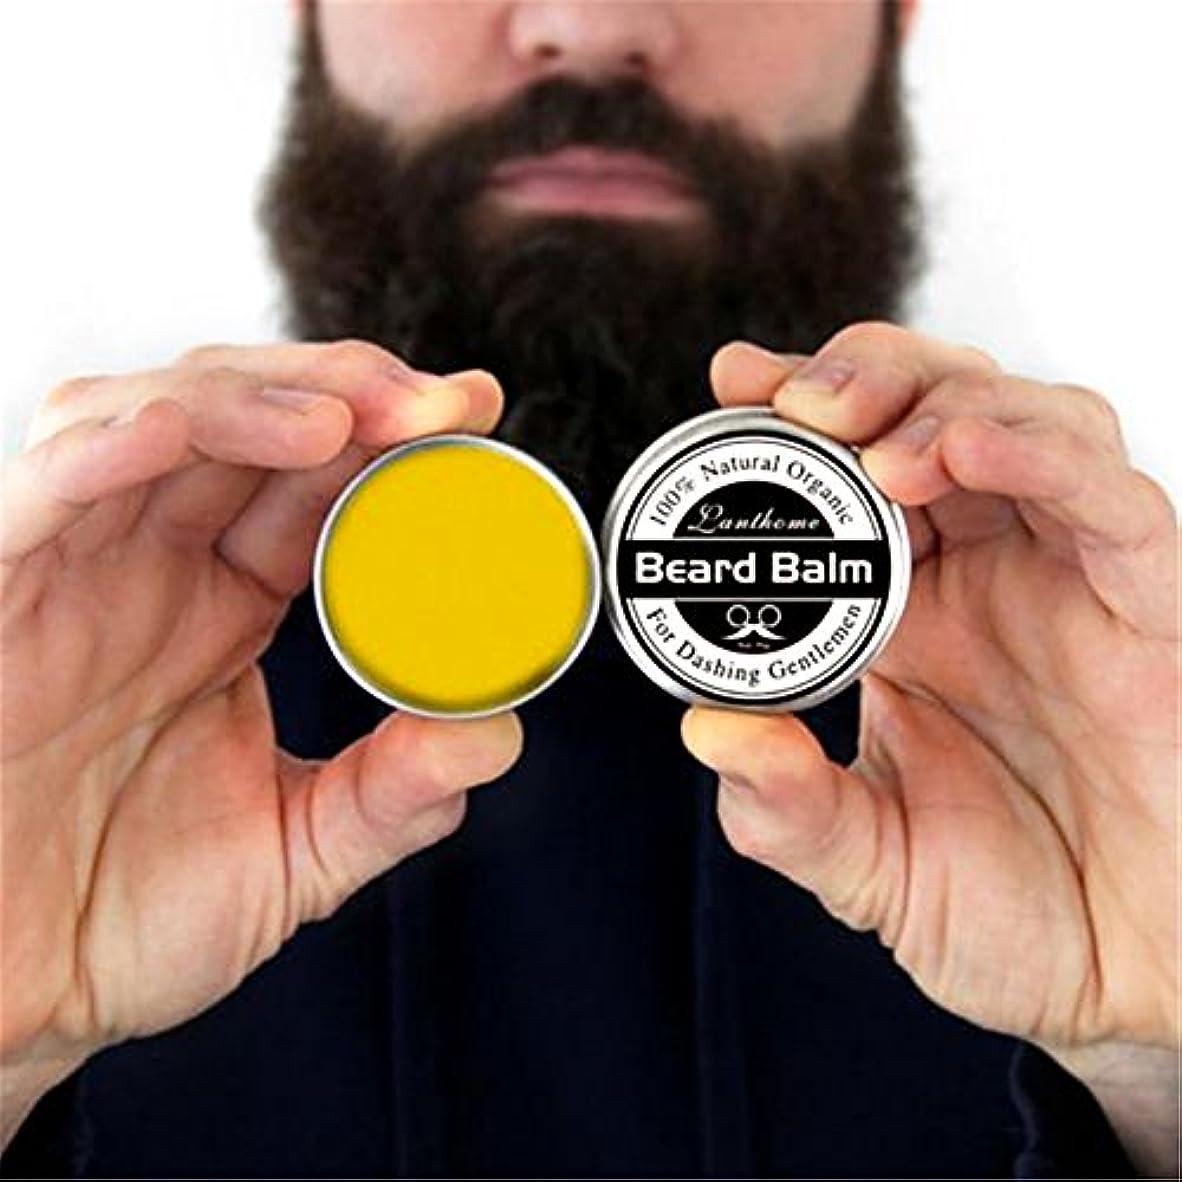 加害者全体取るRuier-tong ビアードバーム メンズひげワックス 口髭用ワックス ひげクリーム 保湿/滋養/ひげ根のケアなどの効果  ひげケア必需品 携帯便利